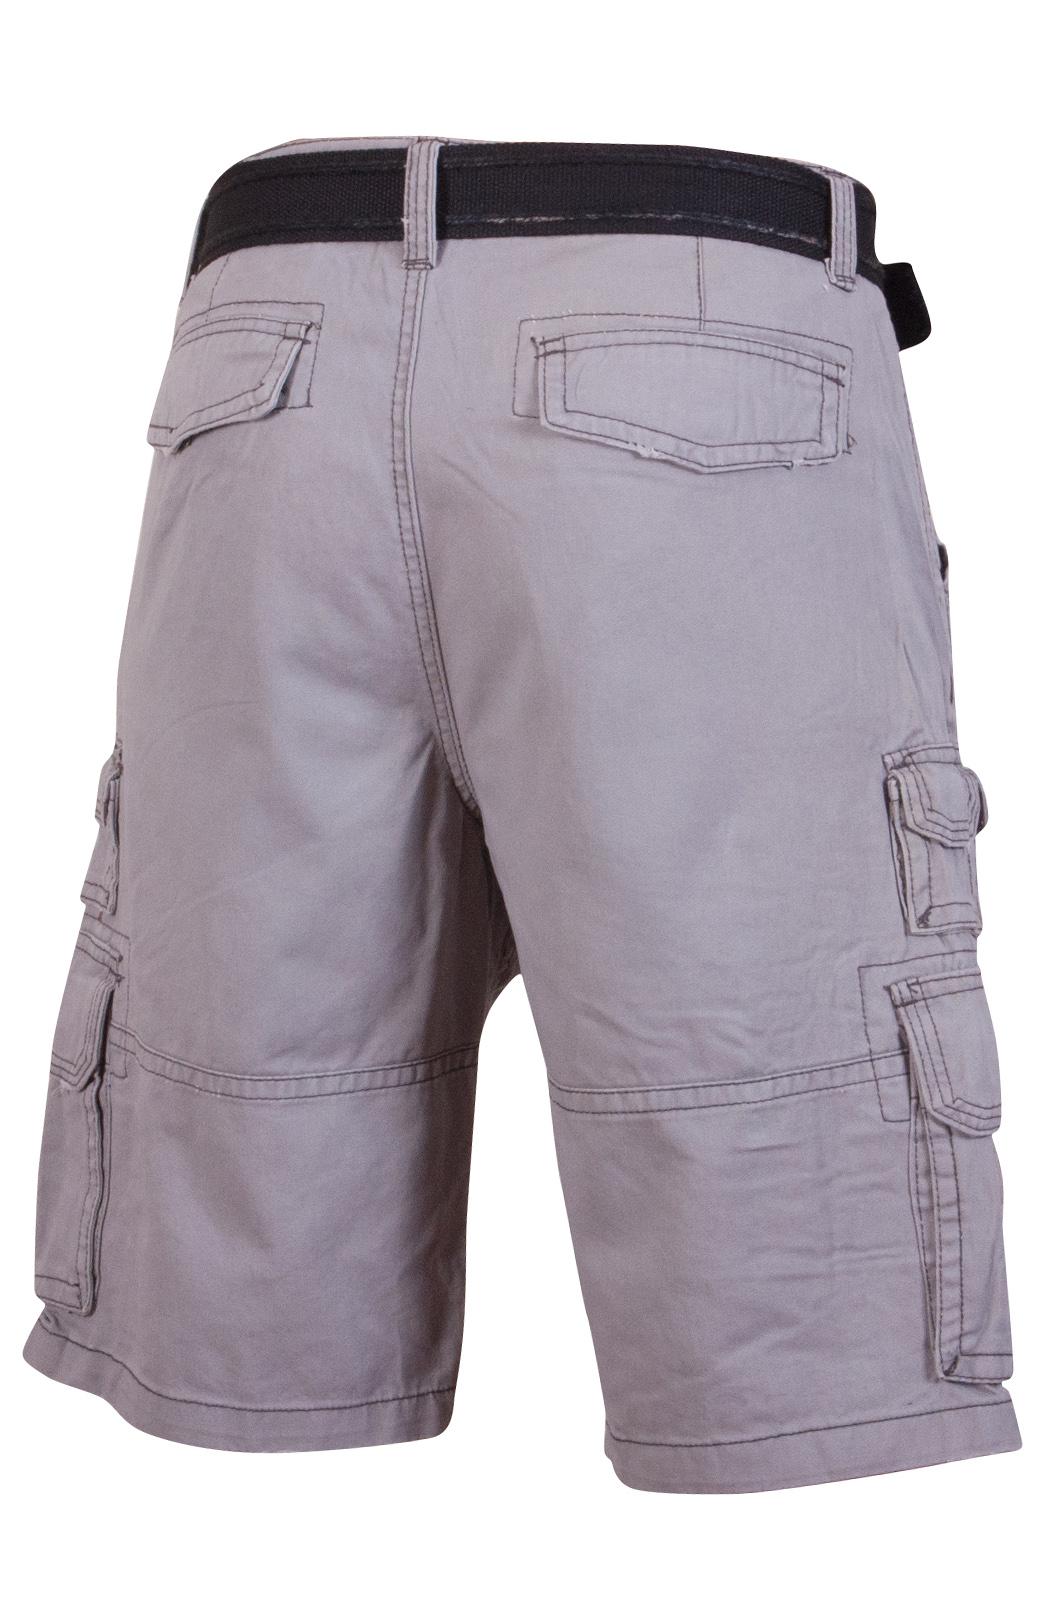 Купить шорты мужские светлые